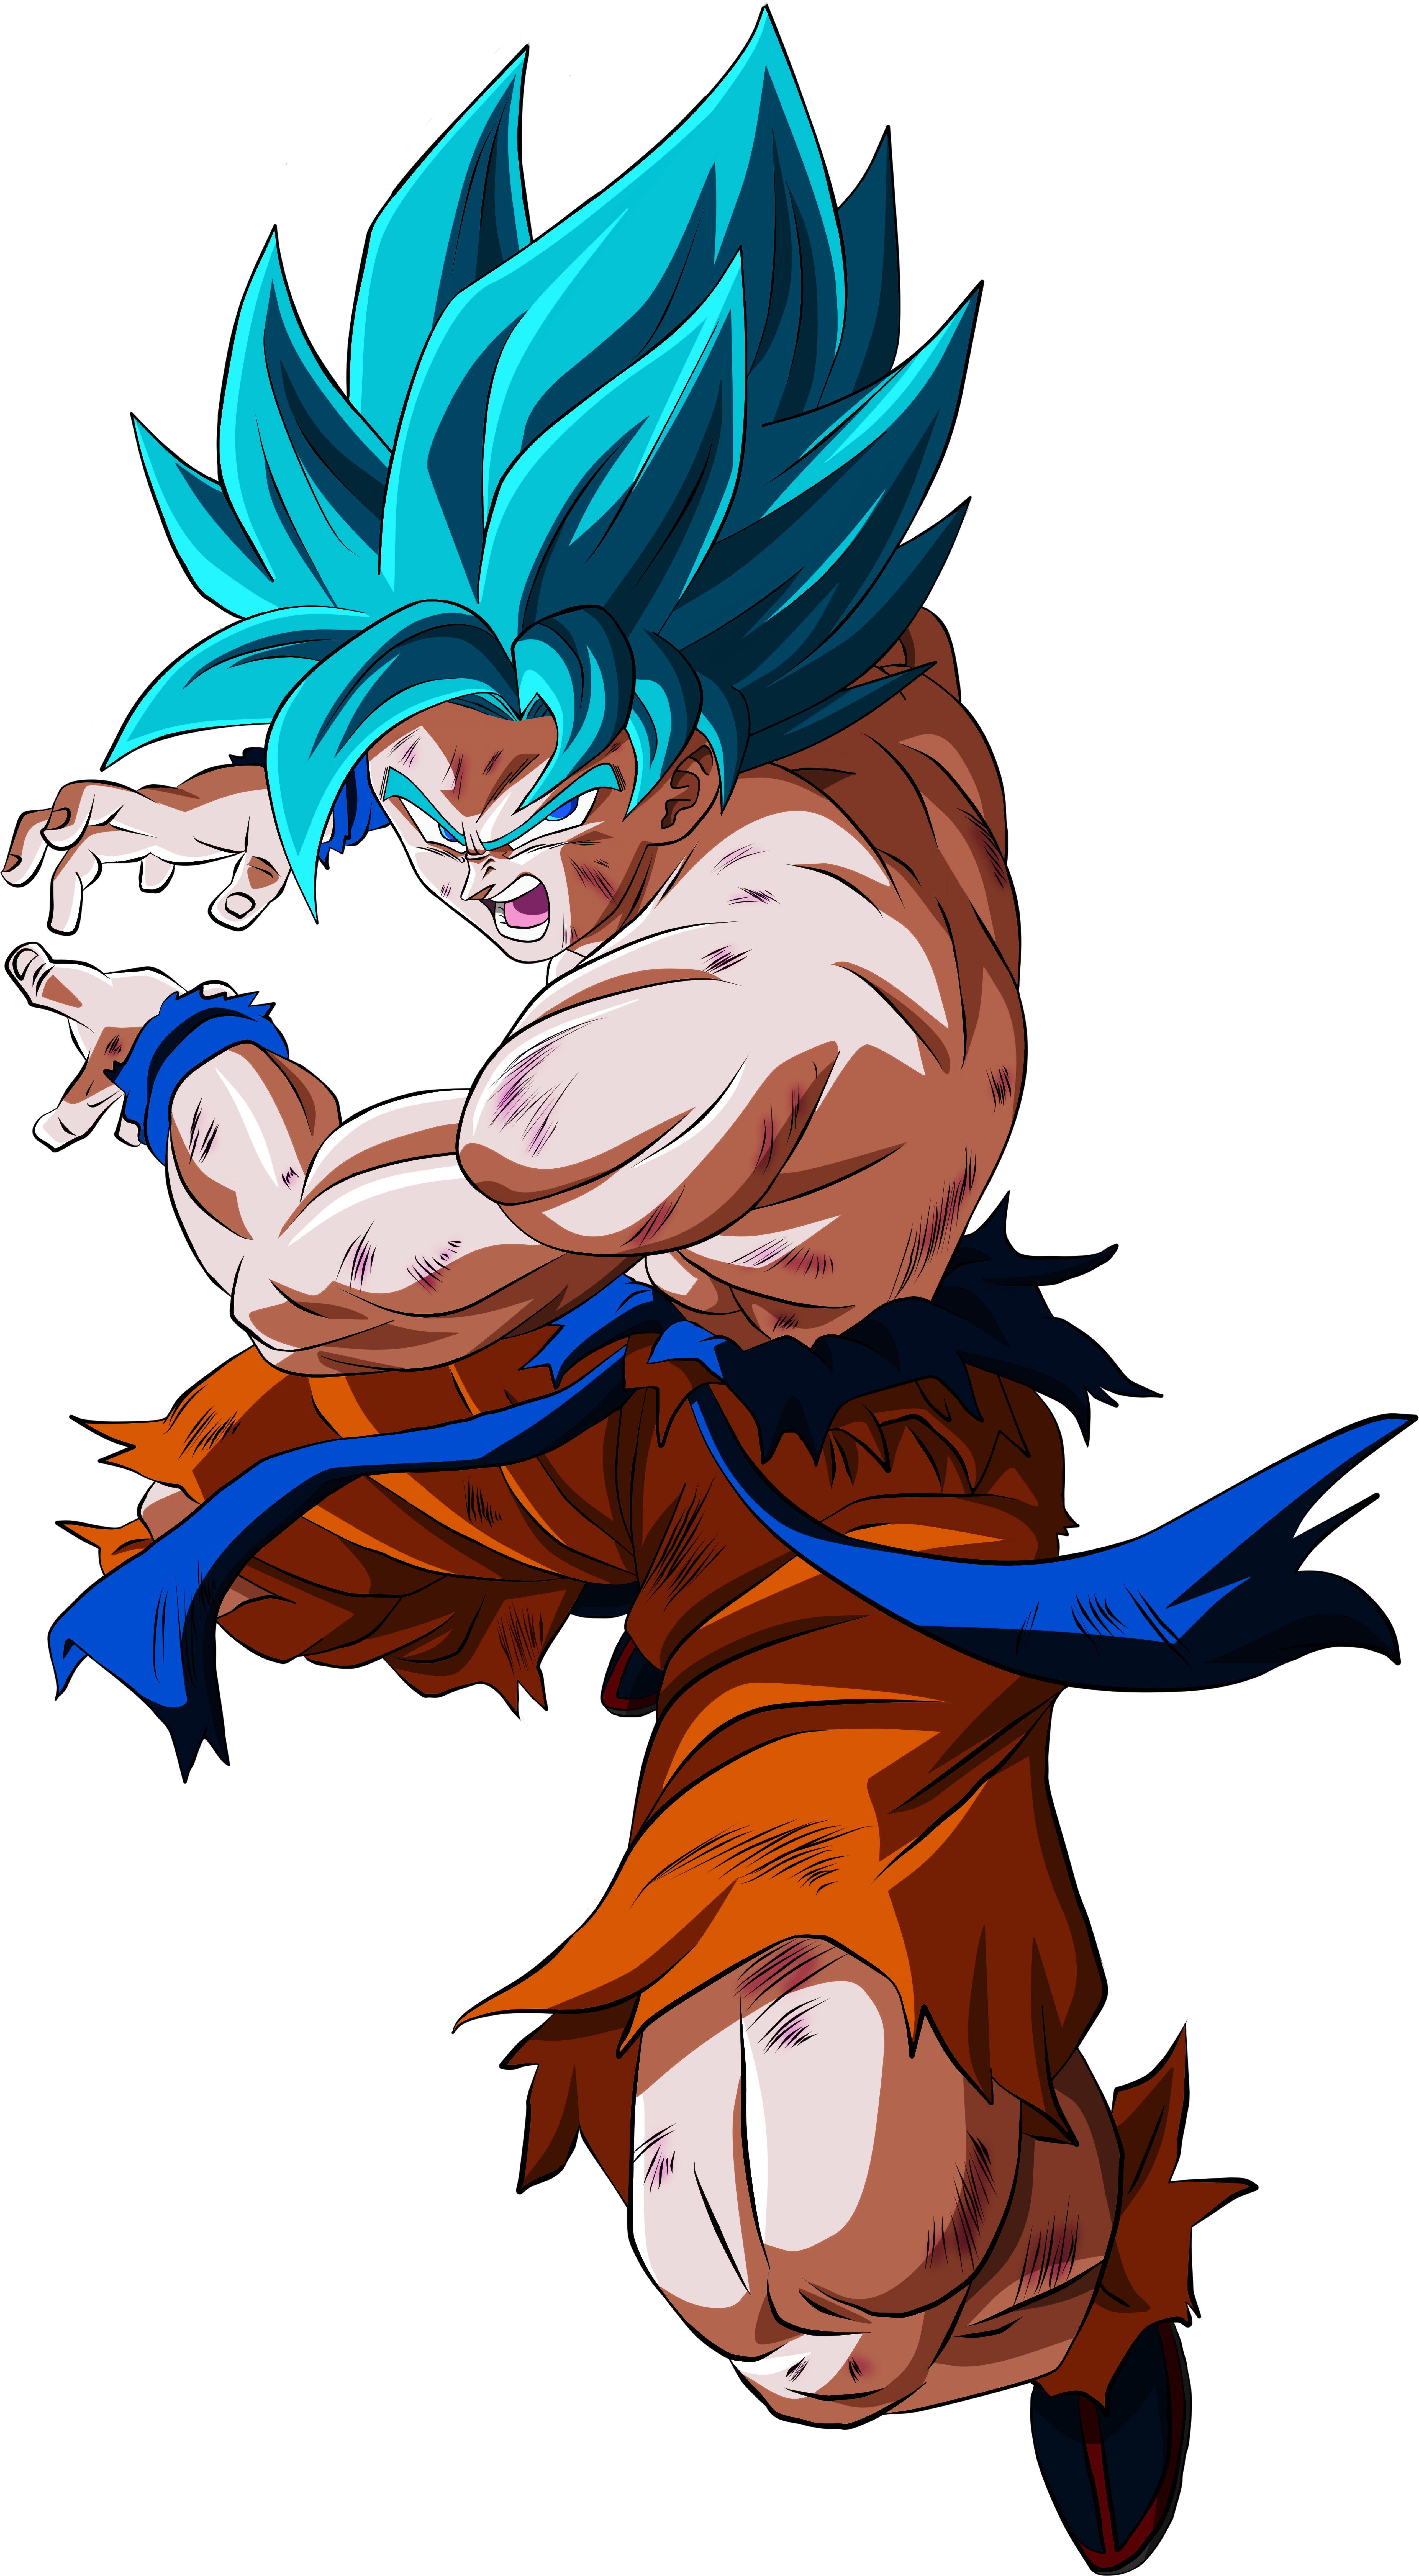 Pin By Madhav On Gohan Dbz Anime Dragon Ball Super